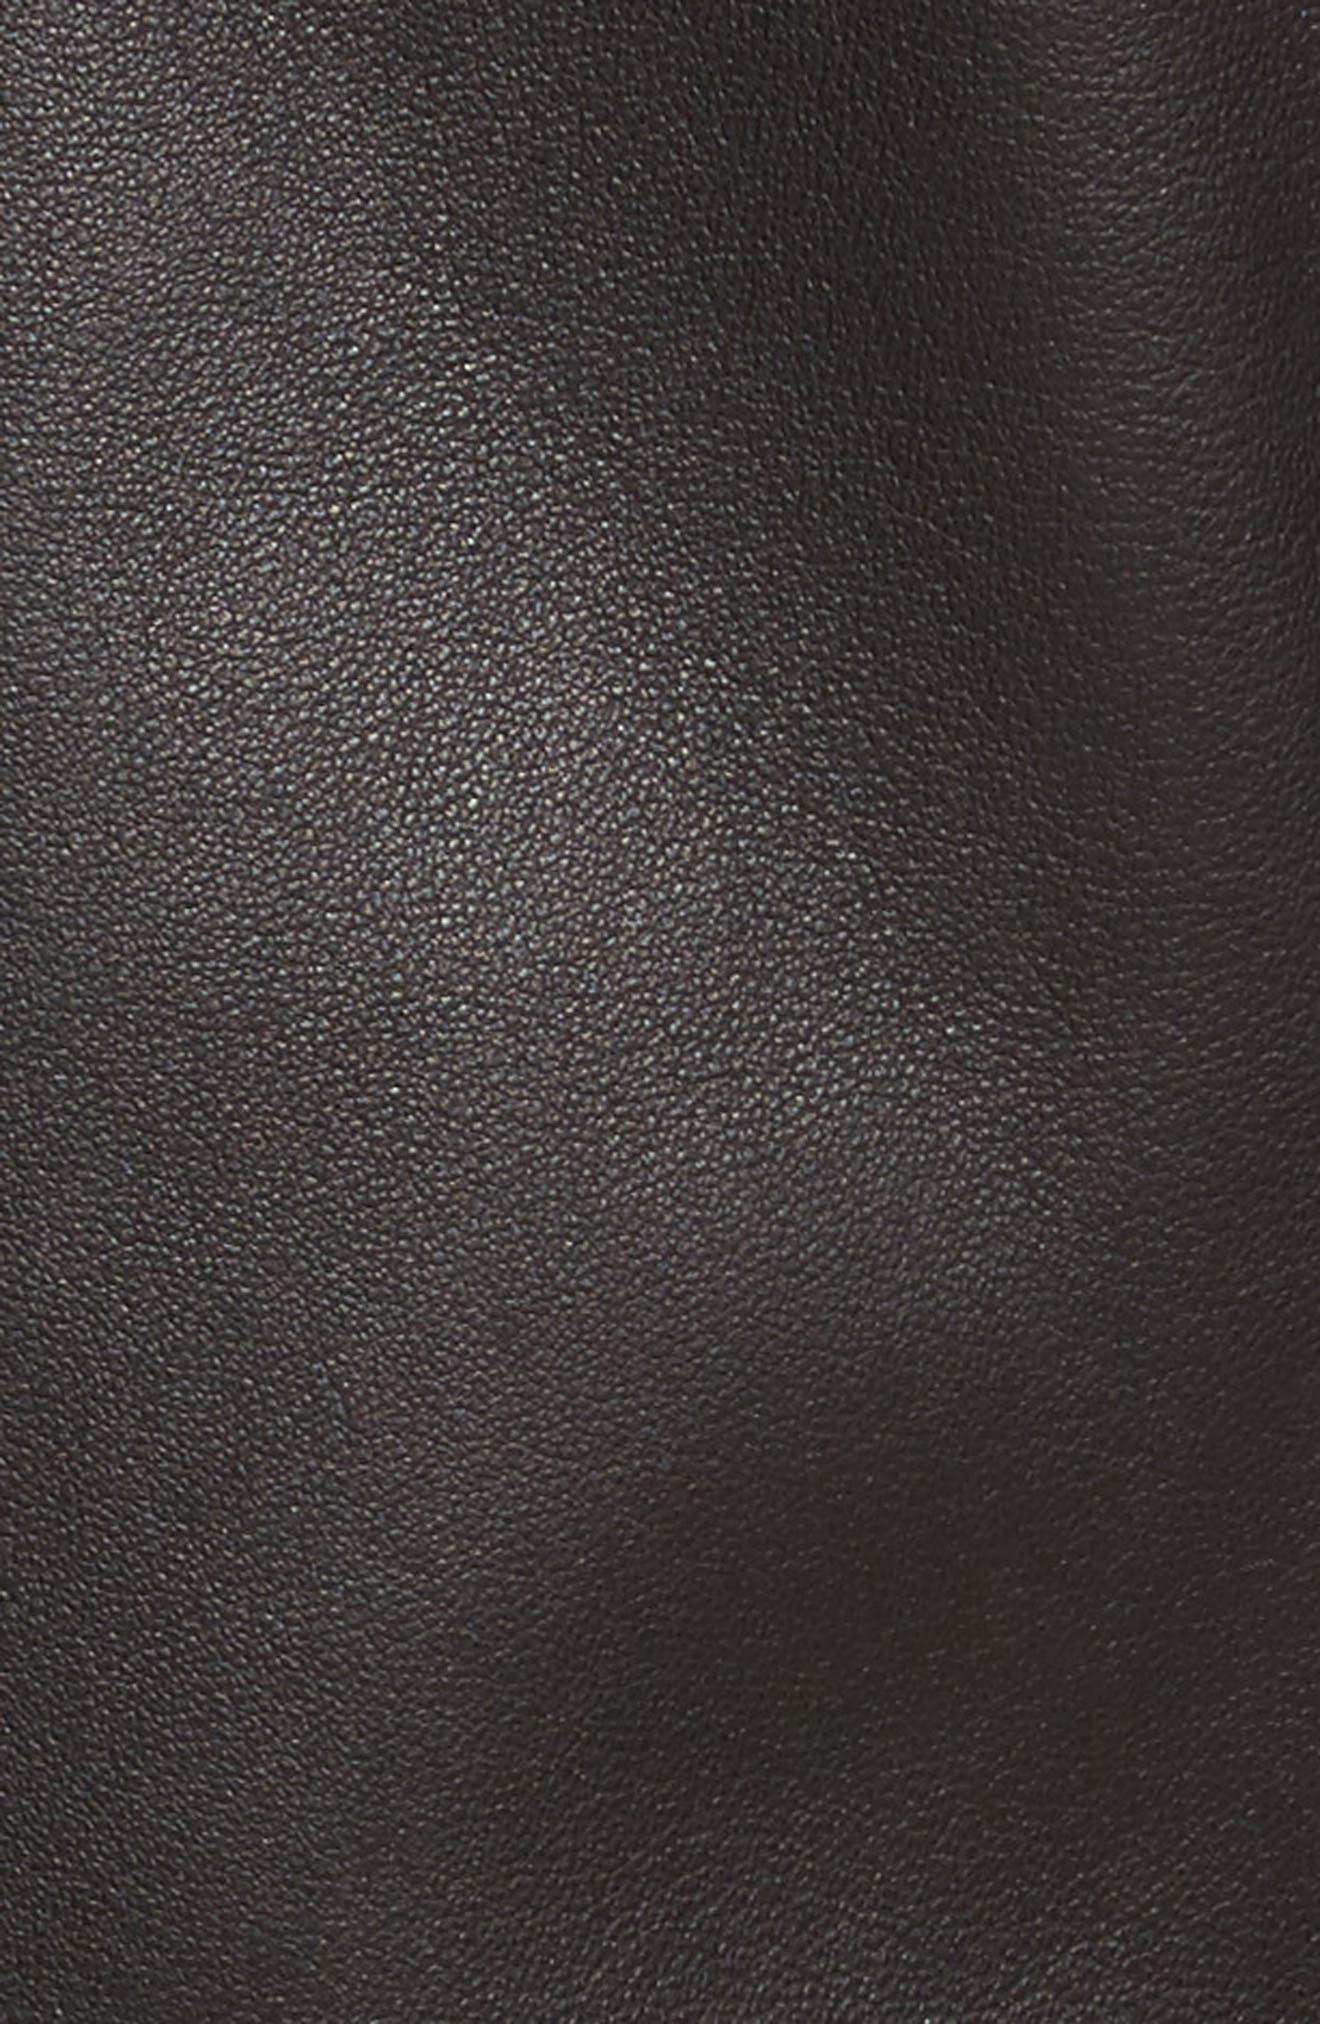 Alternate Image 5  - Theory Painted Edge Shrunken Leather Moto Jacket